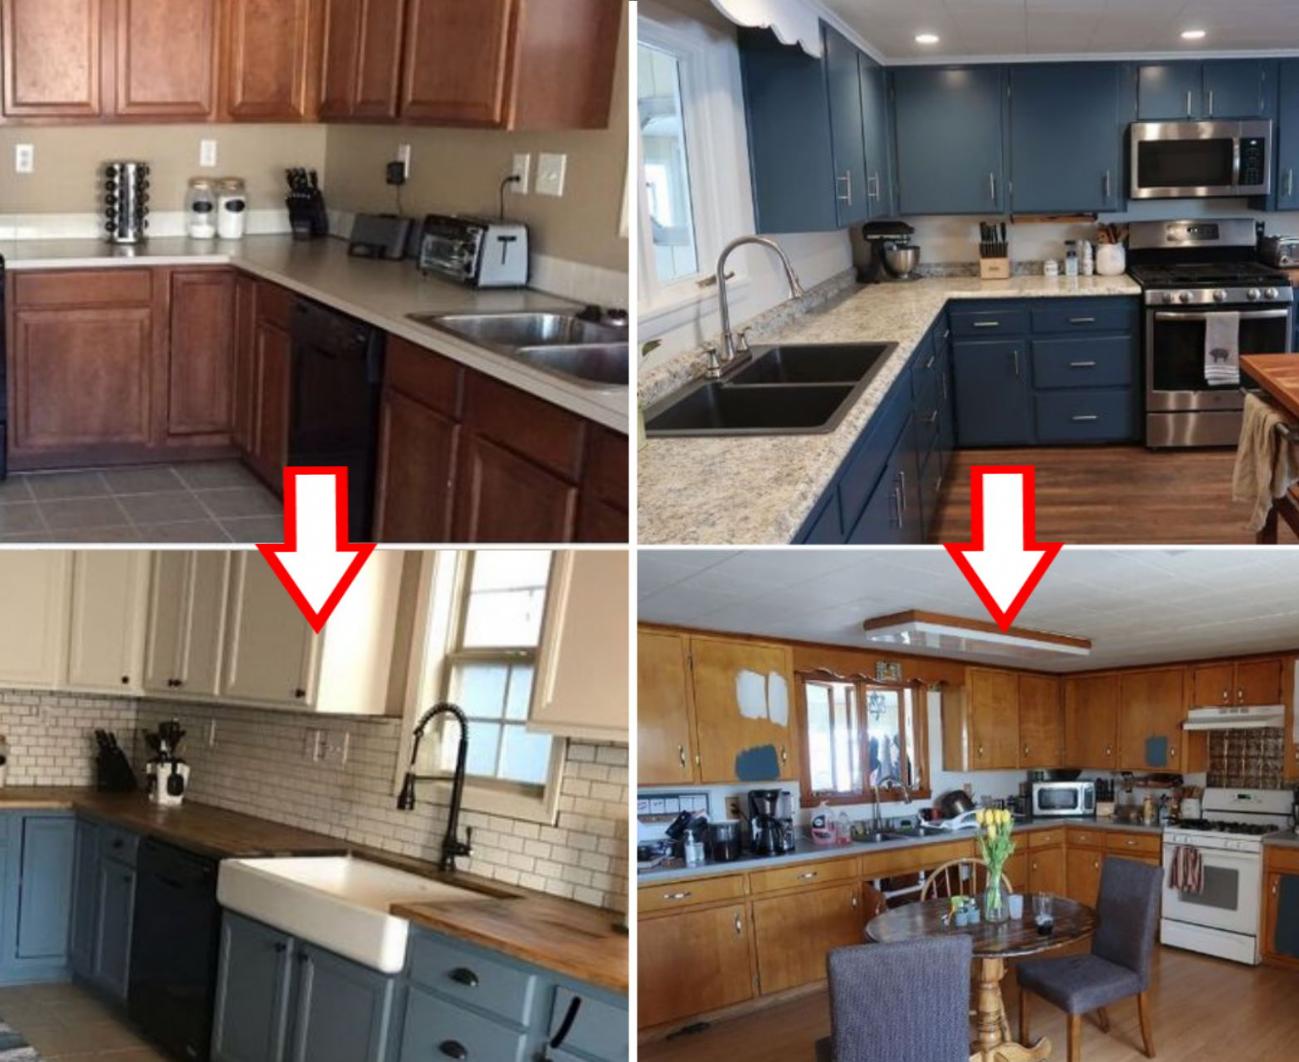 Cambiare look alla cucina: l'ideale  è trasformarla con un restyling